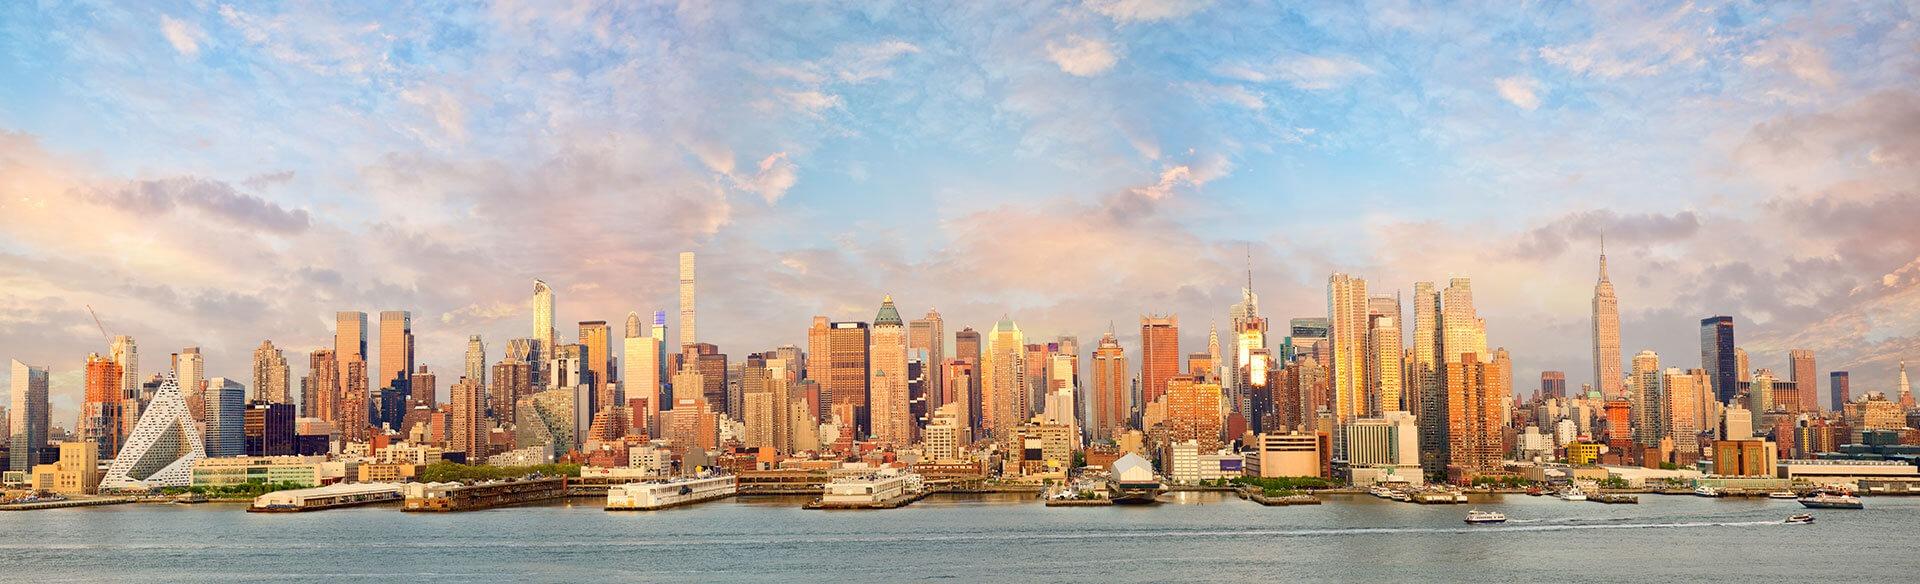 曼哈顿天际线